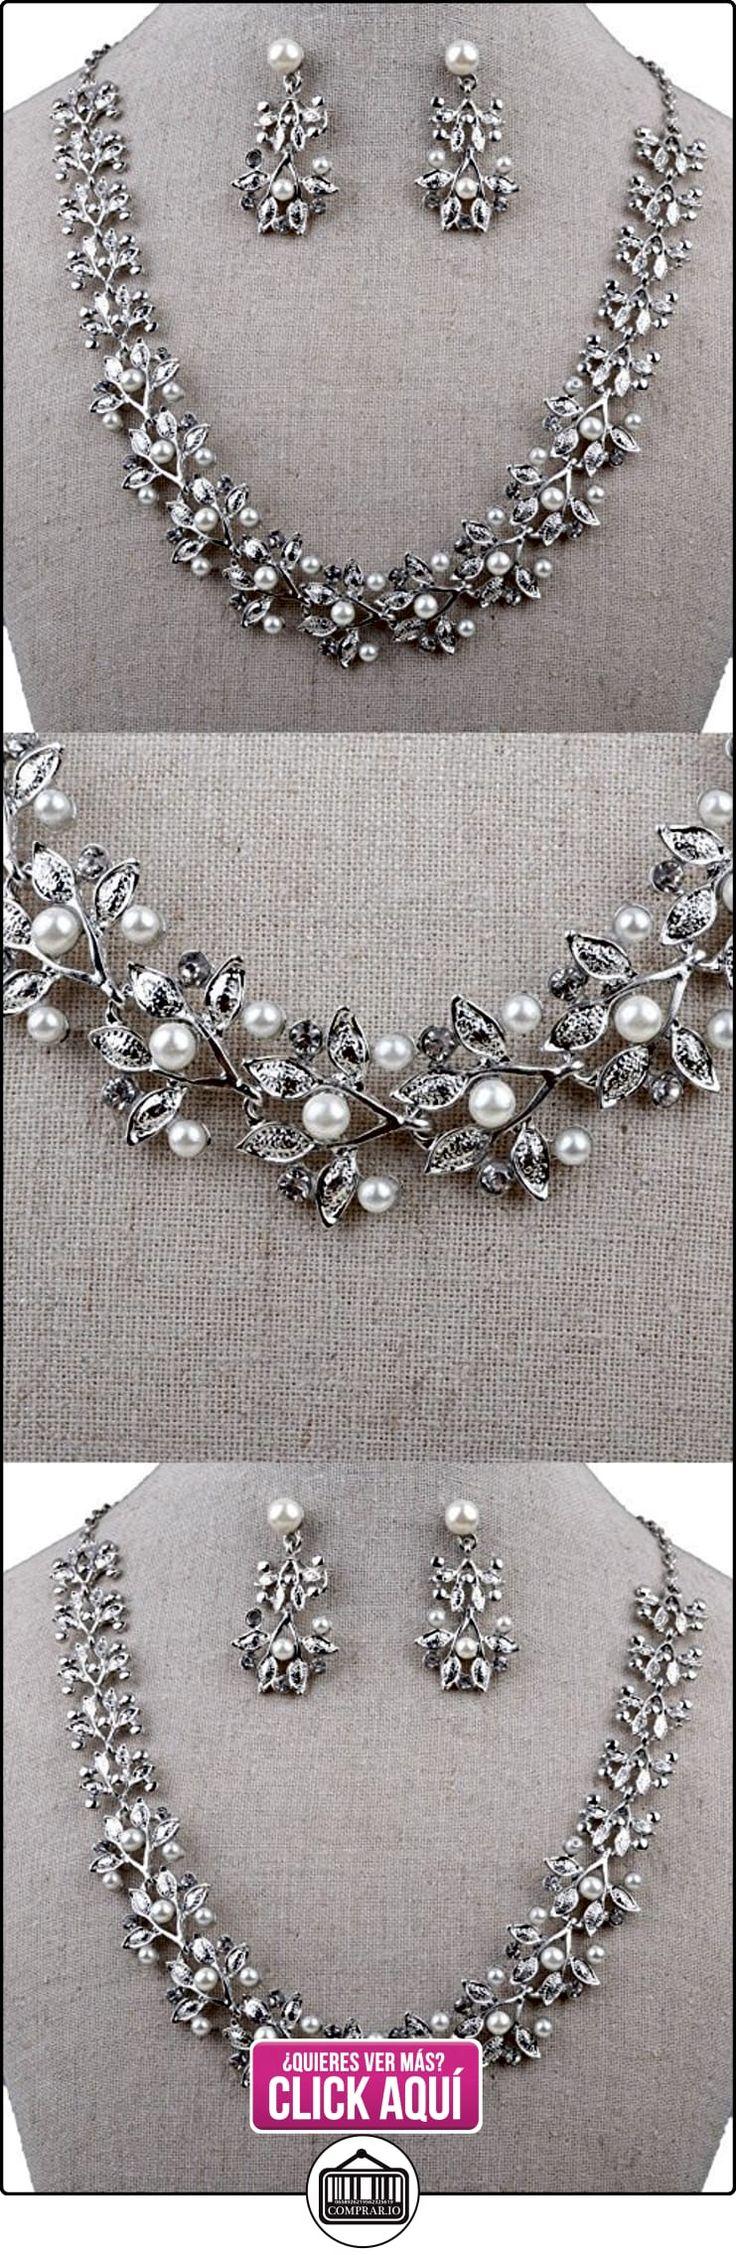 oumosi Collar de perlas pendientes elegante diseño de lujo bañado en oro rosa novia joyería conjuntos  ✿ Joyas para mujer - Las mejores ofertas ✿ ▬► Ver oferta: https://comprar.io/goto/B01IBKG7IO